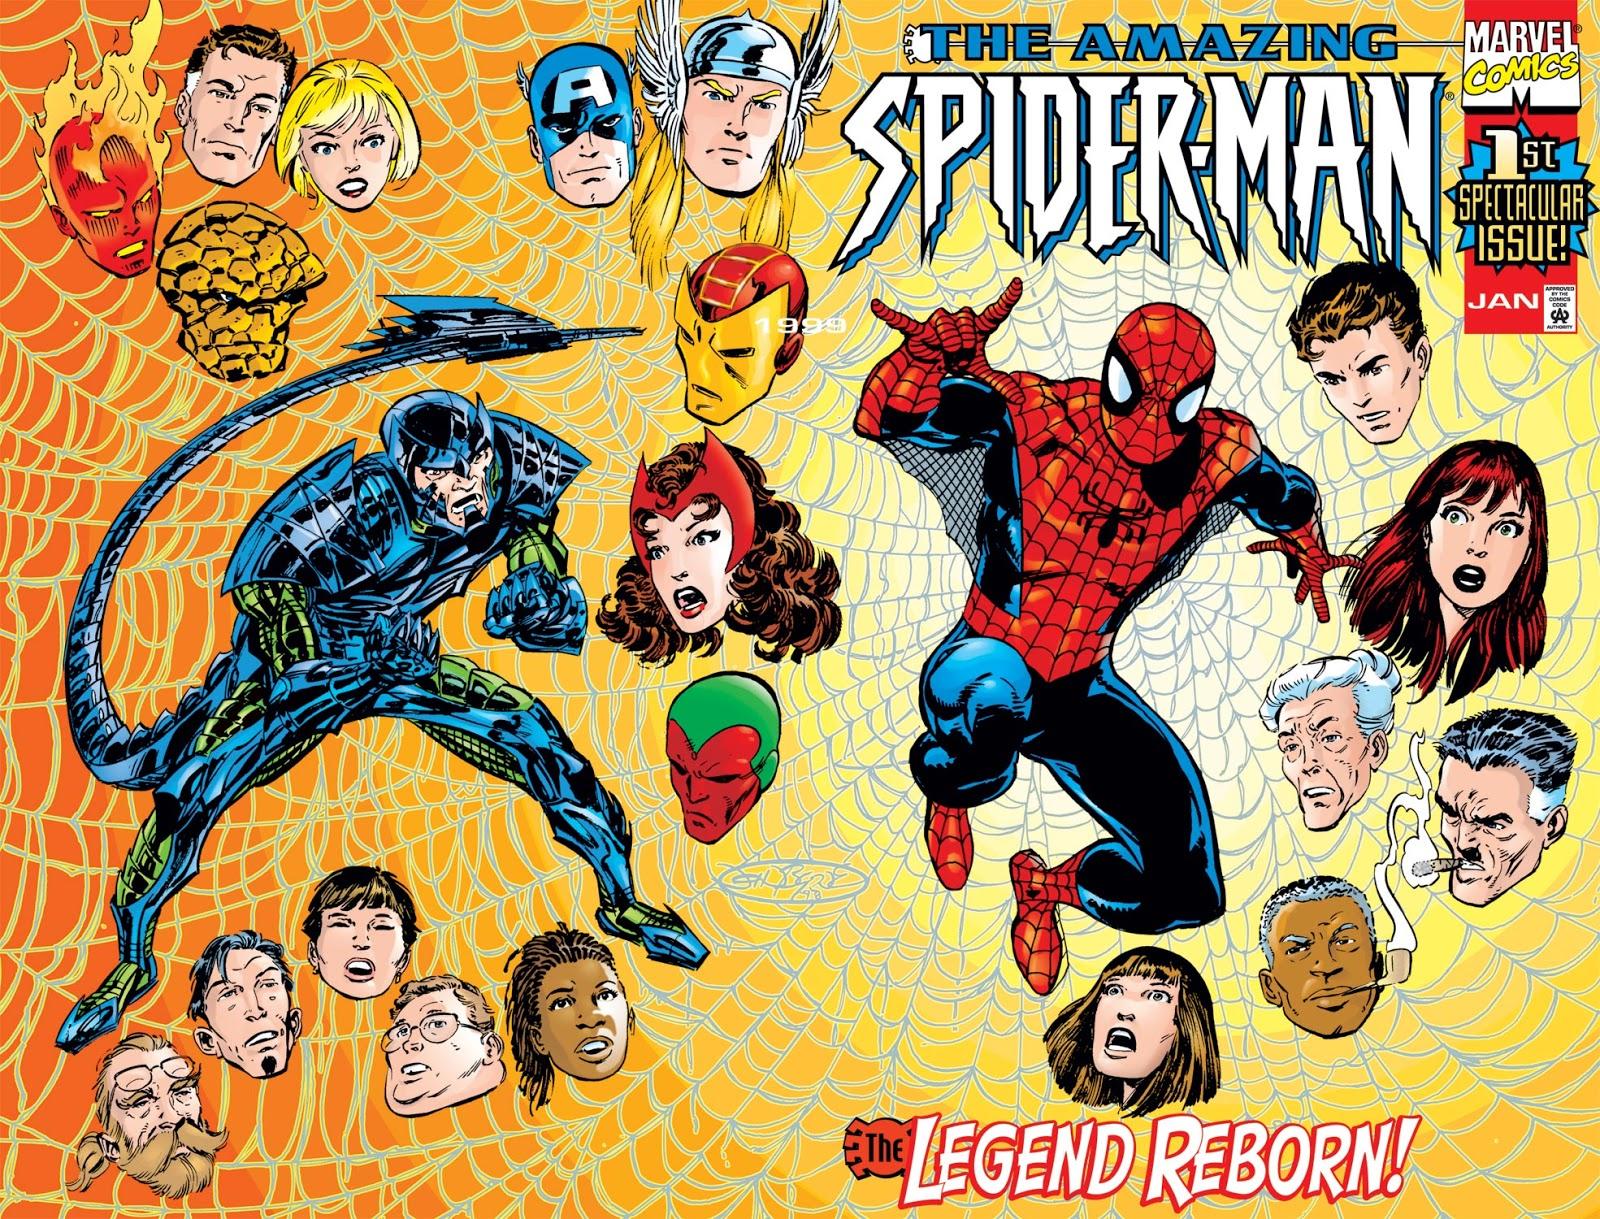 Amazing Spider-Man Vol 2 1 Wraparound.jpg